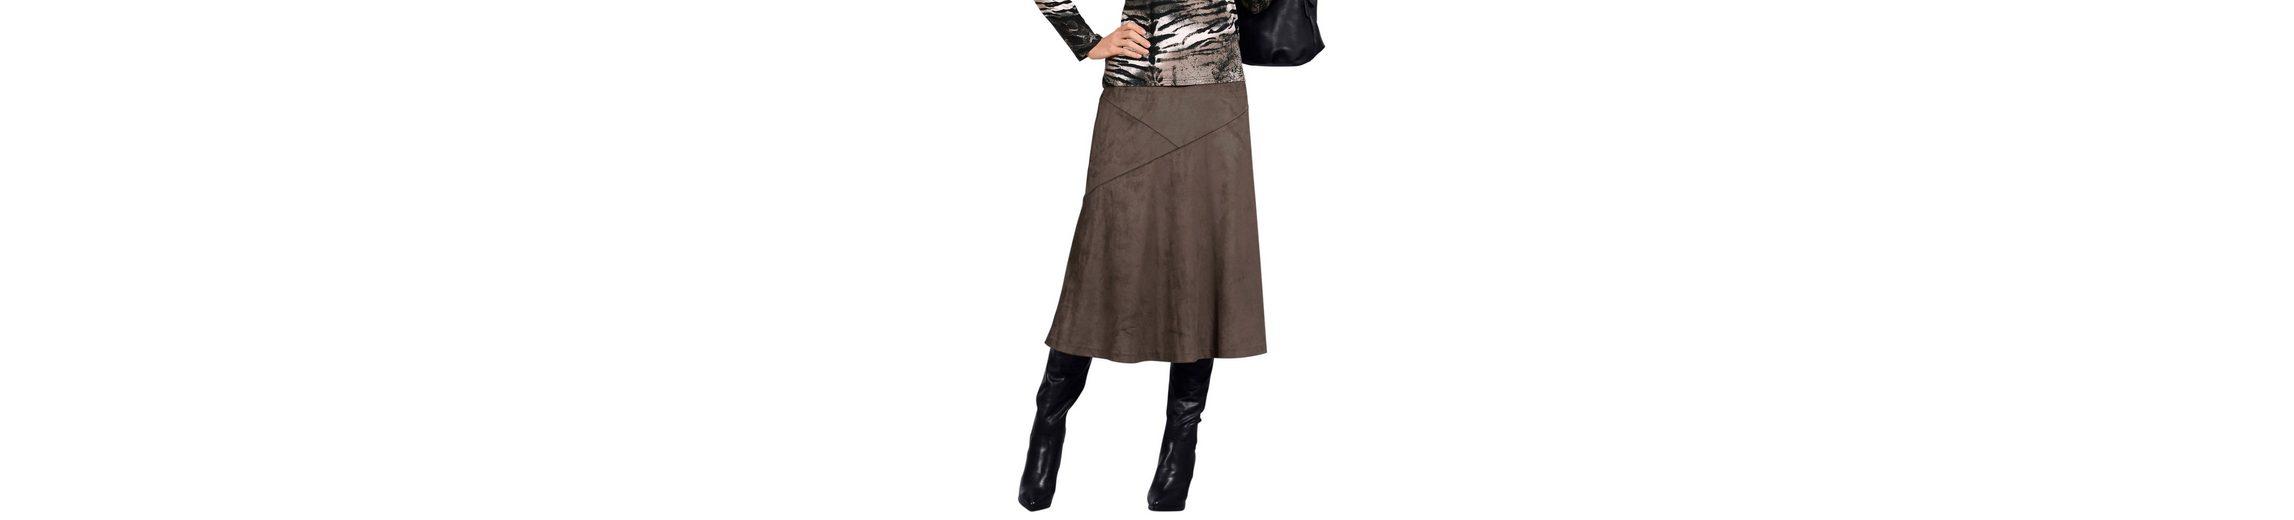 Lady Rock in Veloursleder-Optik Online-Verkauf Bester Shop Zum Kauf Freies Verschiffen Erstaunlicher Preis Billig Verkauf Limitierter Auflage Günstig Kaufen Suche c2HjaSKm